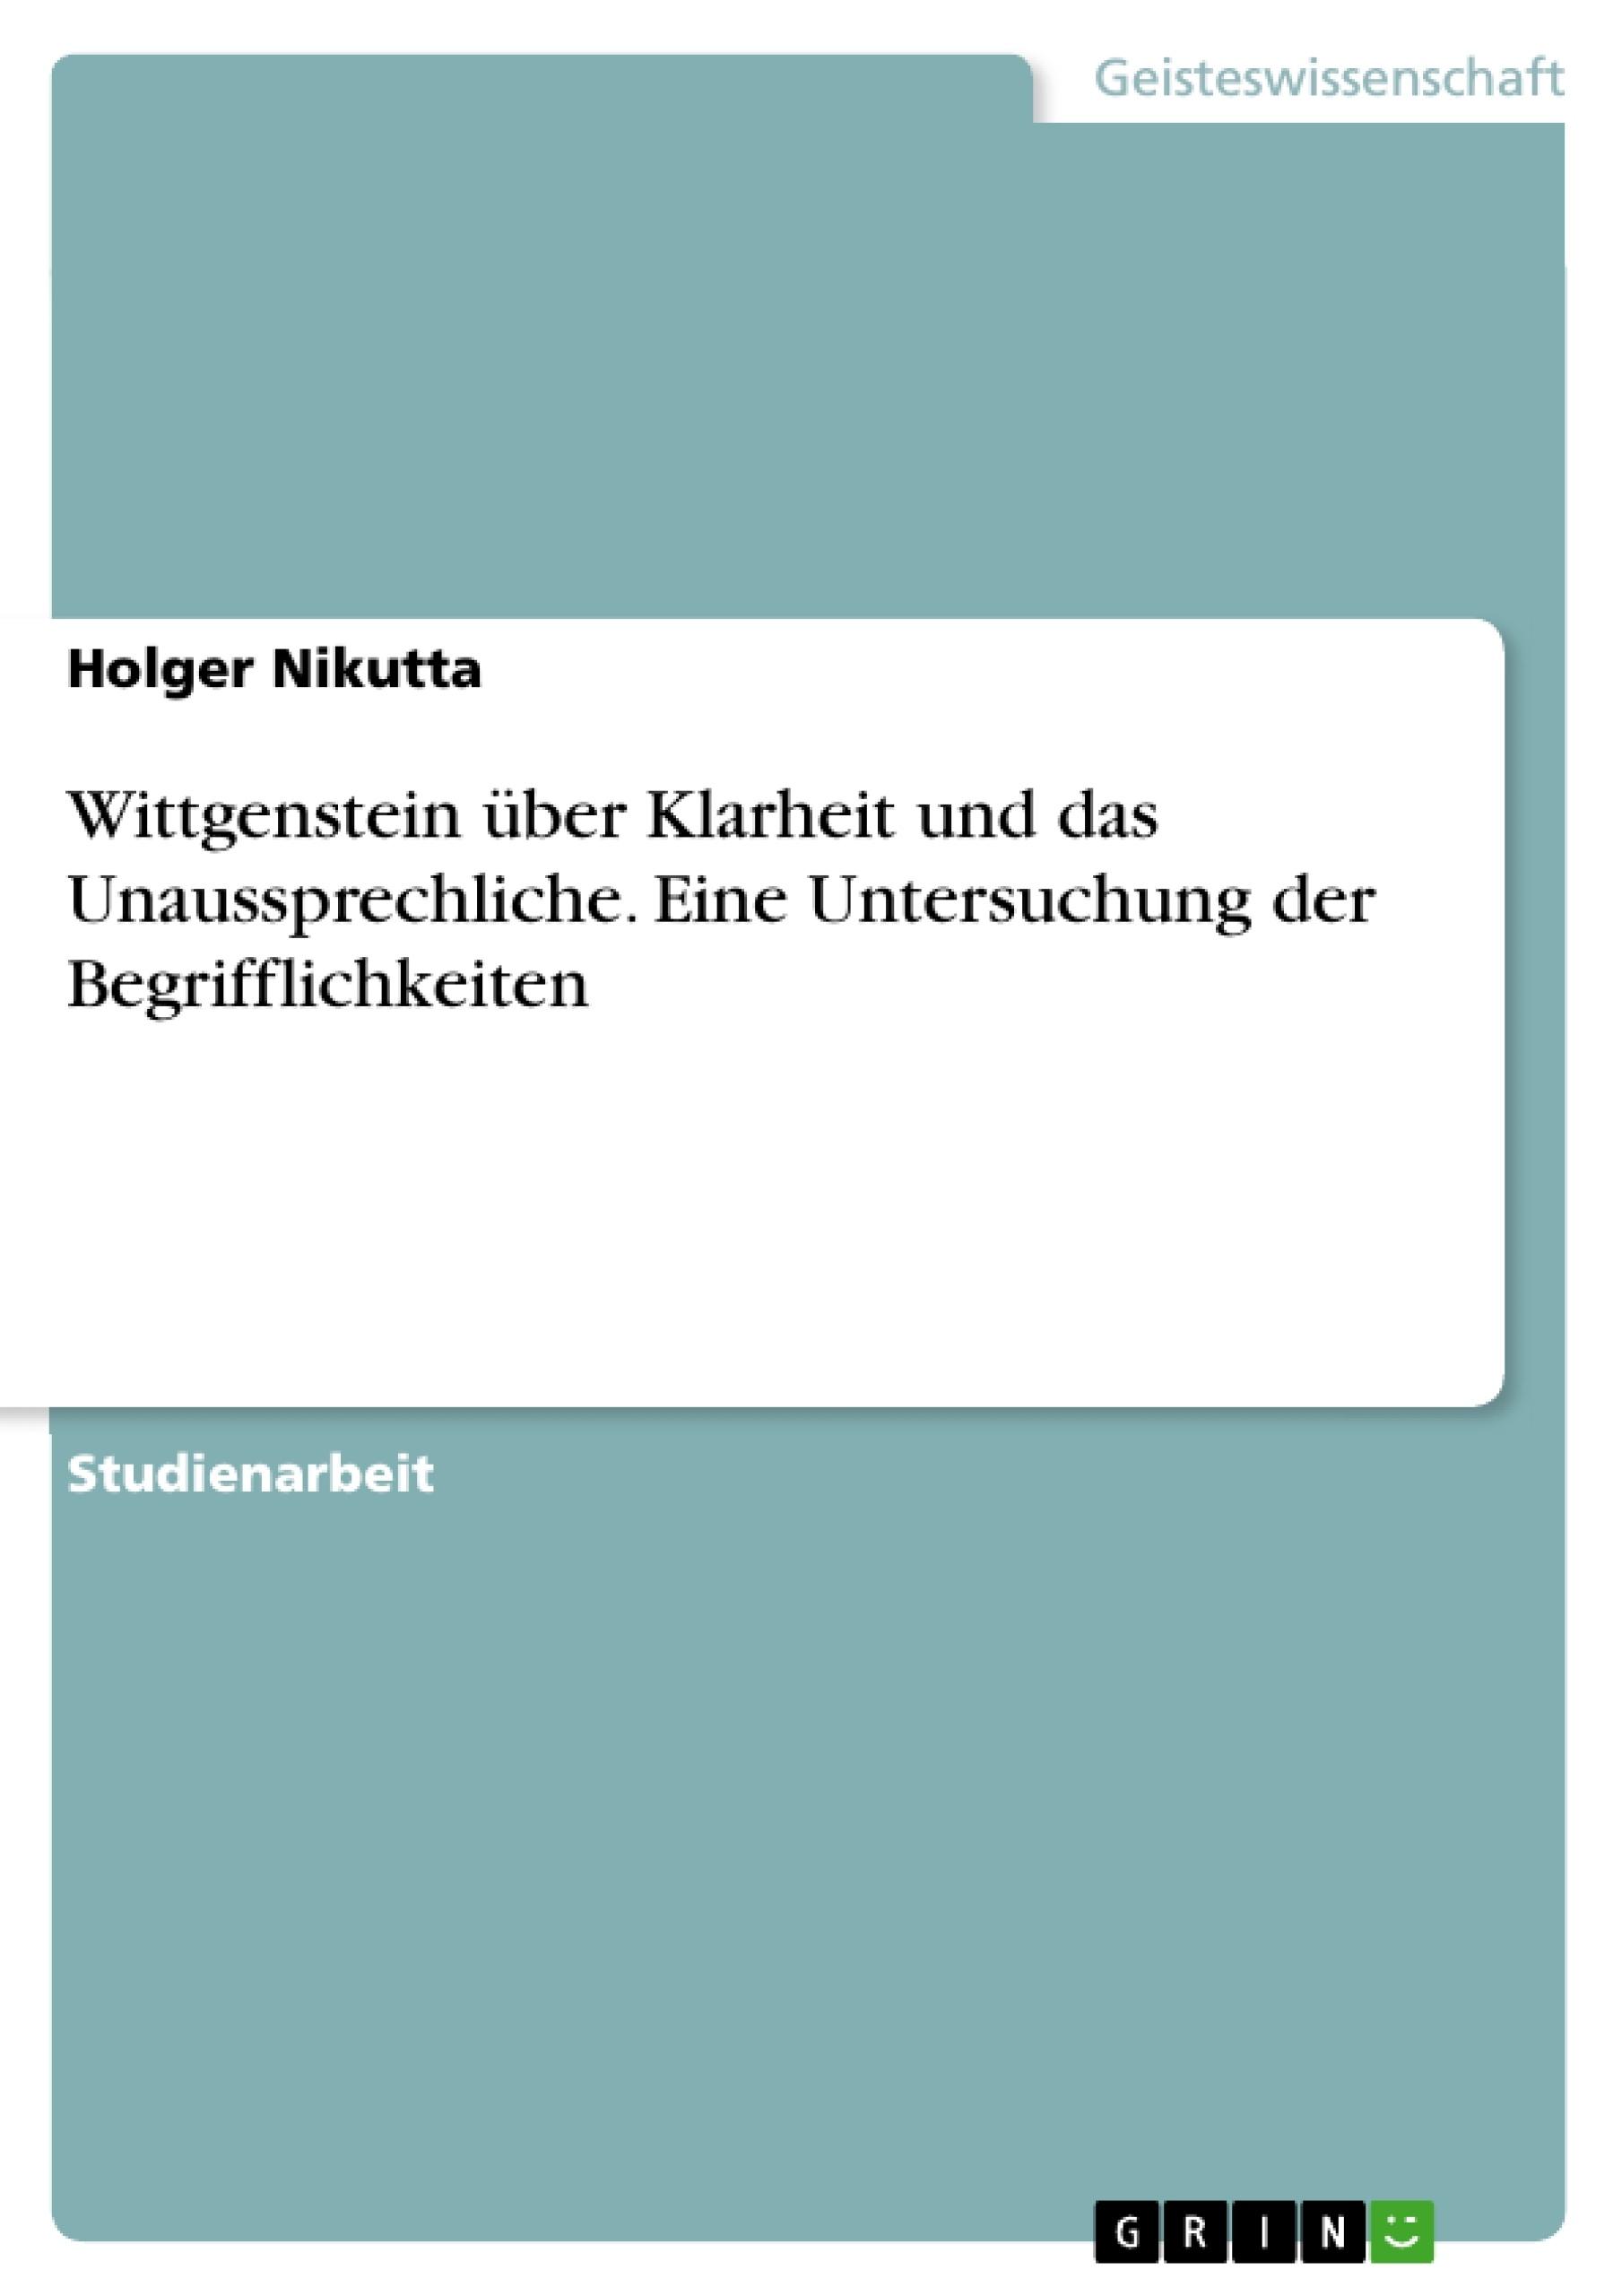 Titel: Wittgenstein über Klarheit und das Unaussprechliche. Eine Untersuchung der Begrifflichkeiten